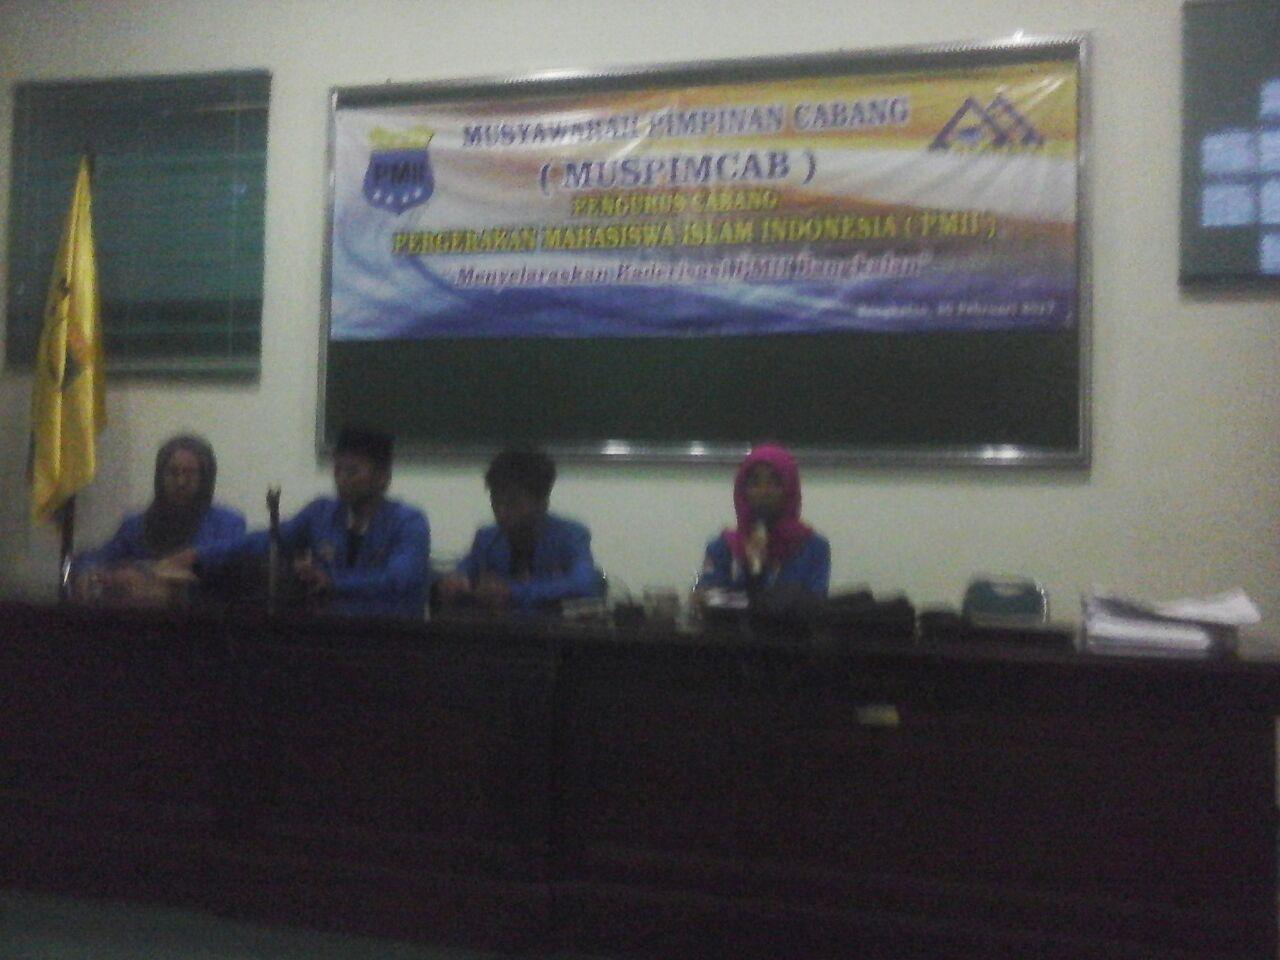 Mapimcab PMII Bangkalan Berlangsung 3 Hari